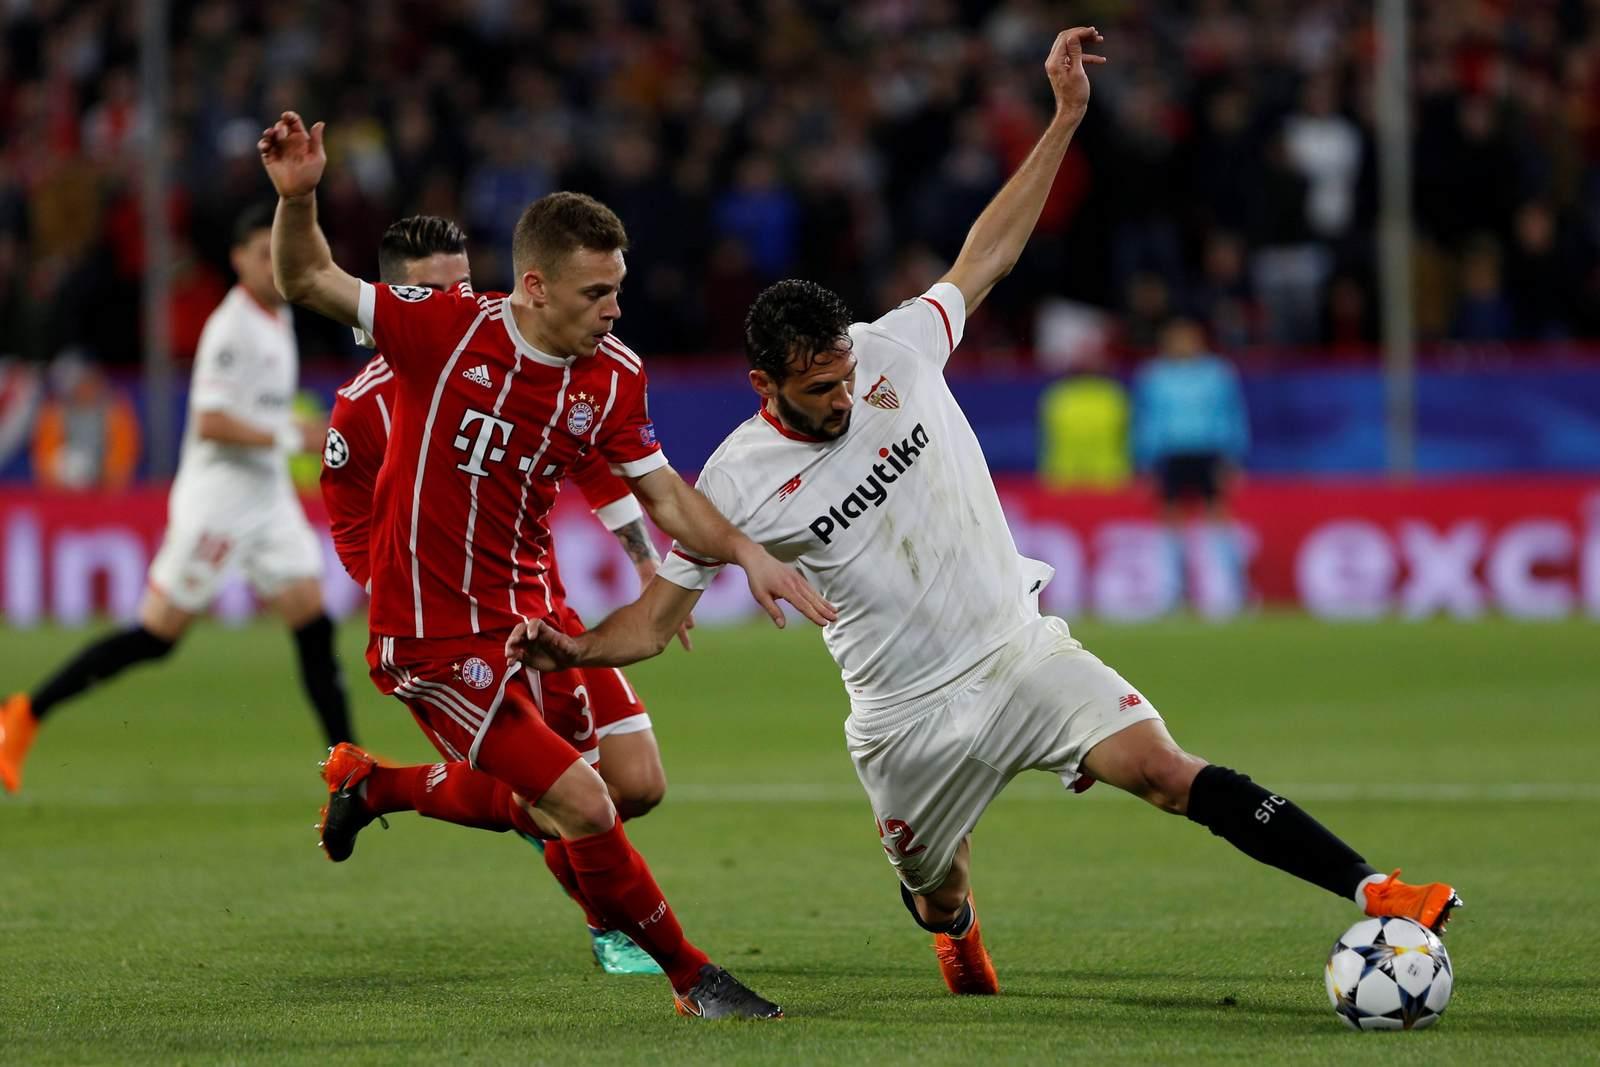 Joshua Kimmich gegen Franco Vazquez. Jetzt auf die Partie Bayern vs Sevilla wetten